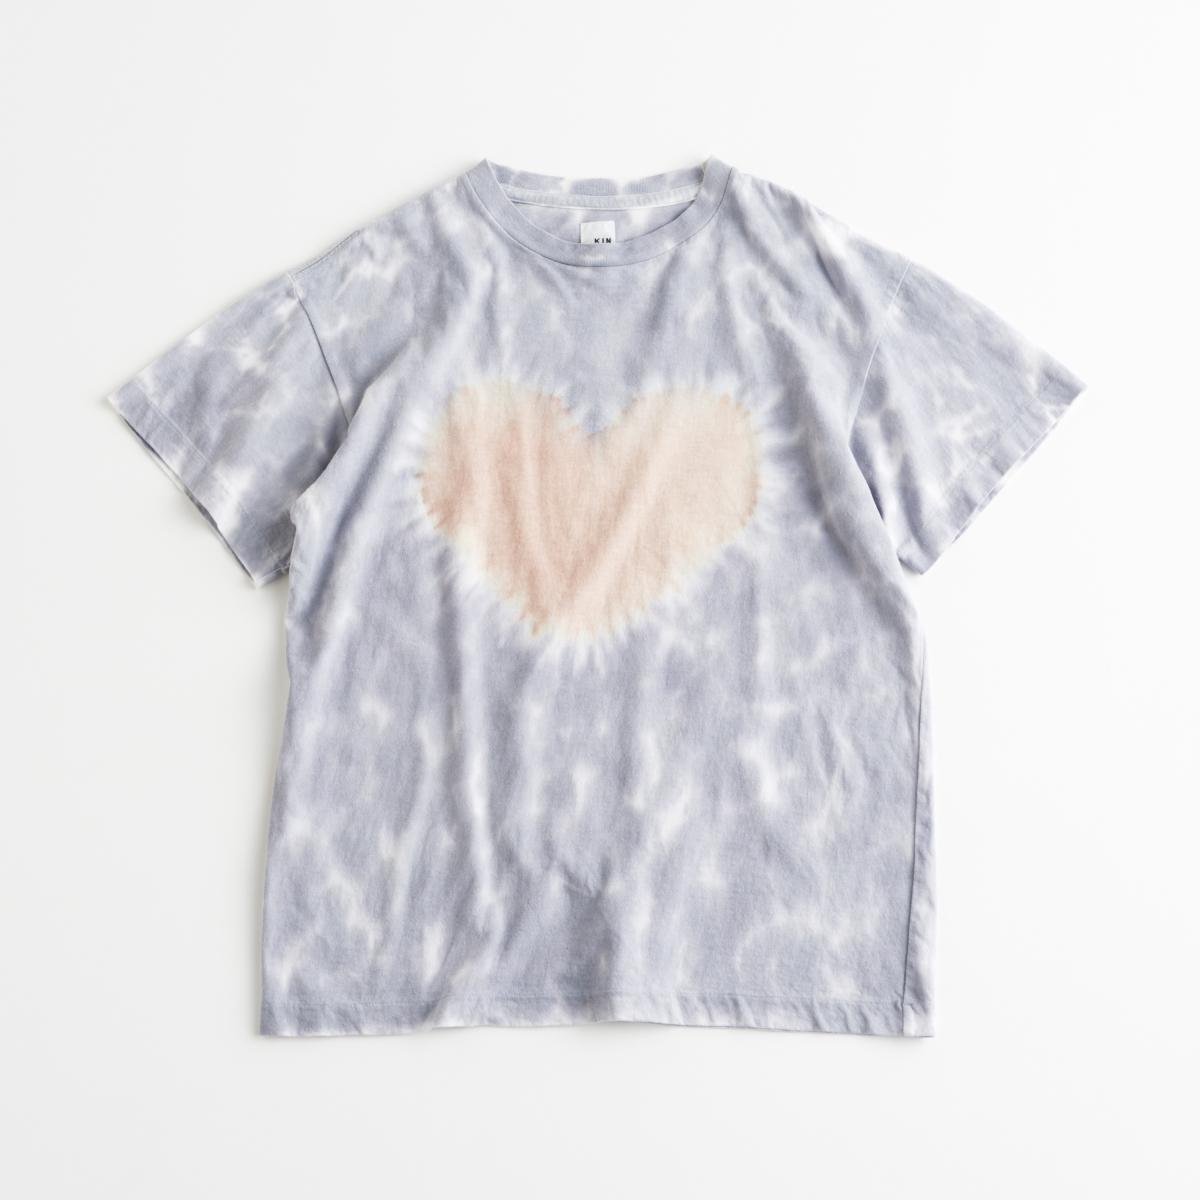 ネクストトレンドのタイダイTシャツに注目【マチュピチュ】